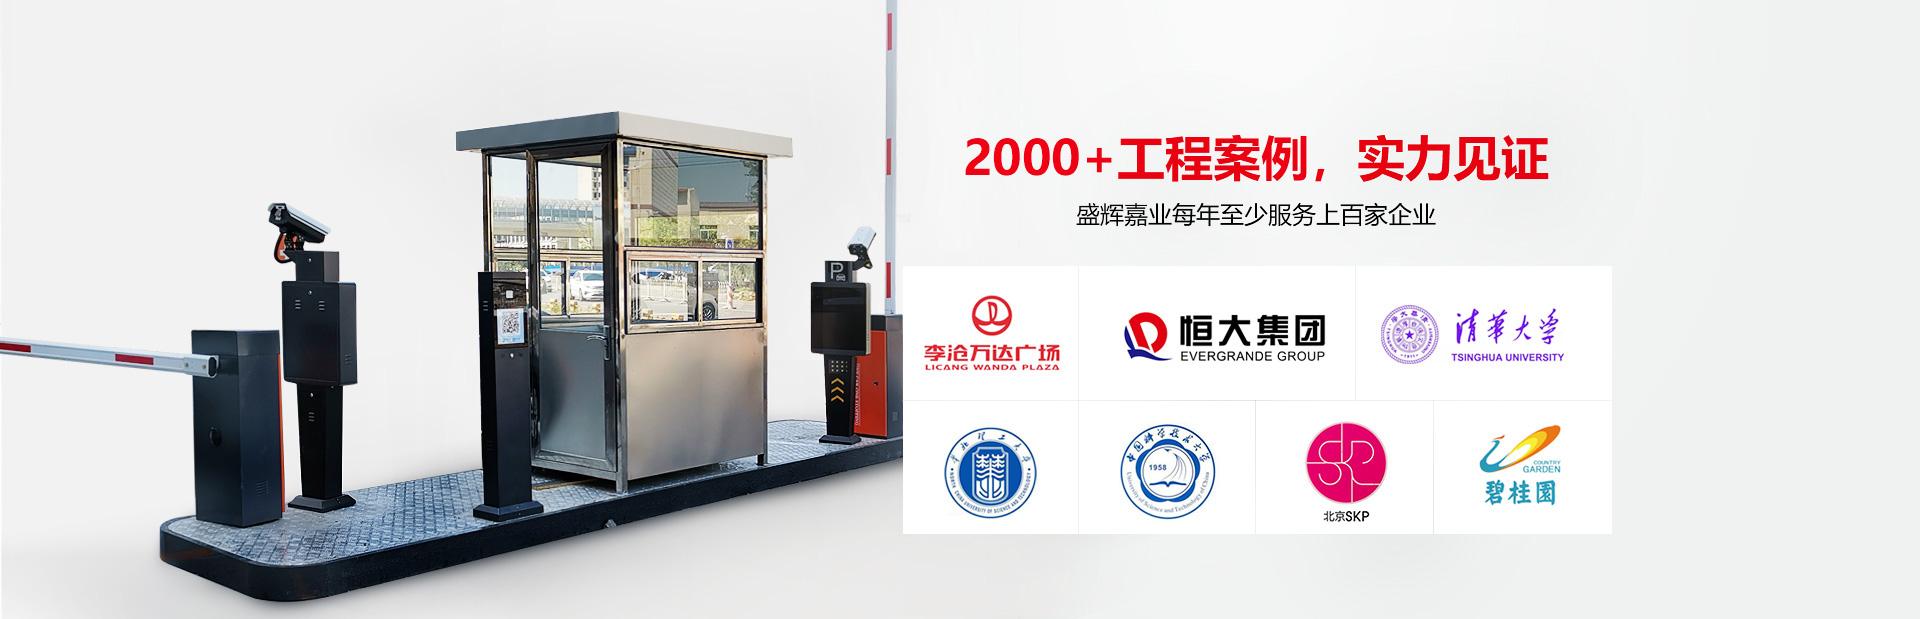 盛辉嘉业 2000+工程案例